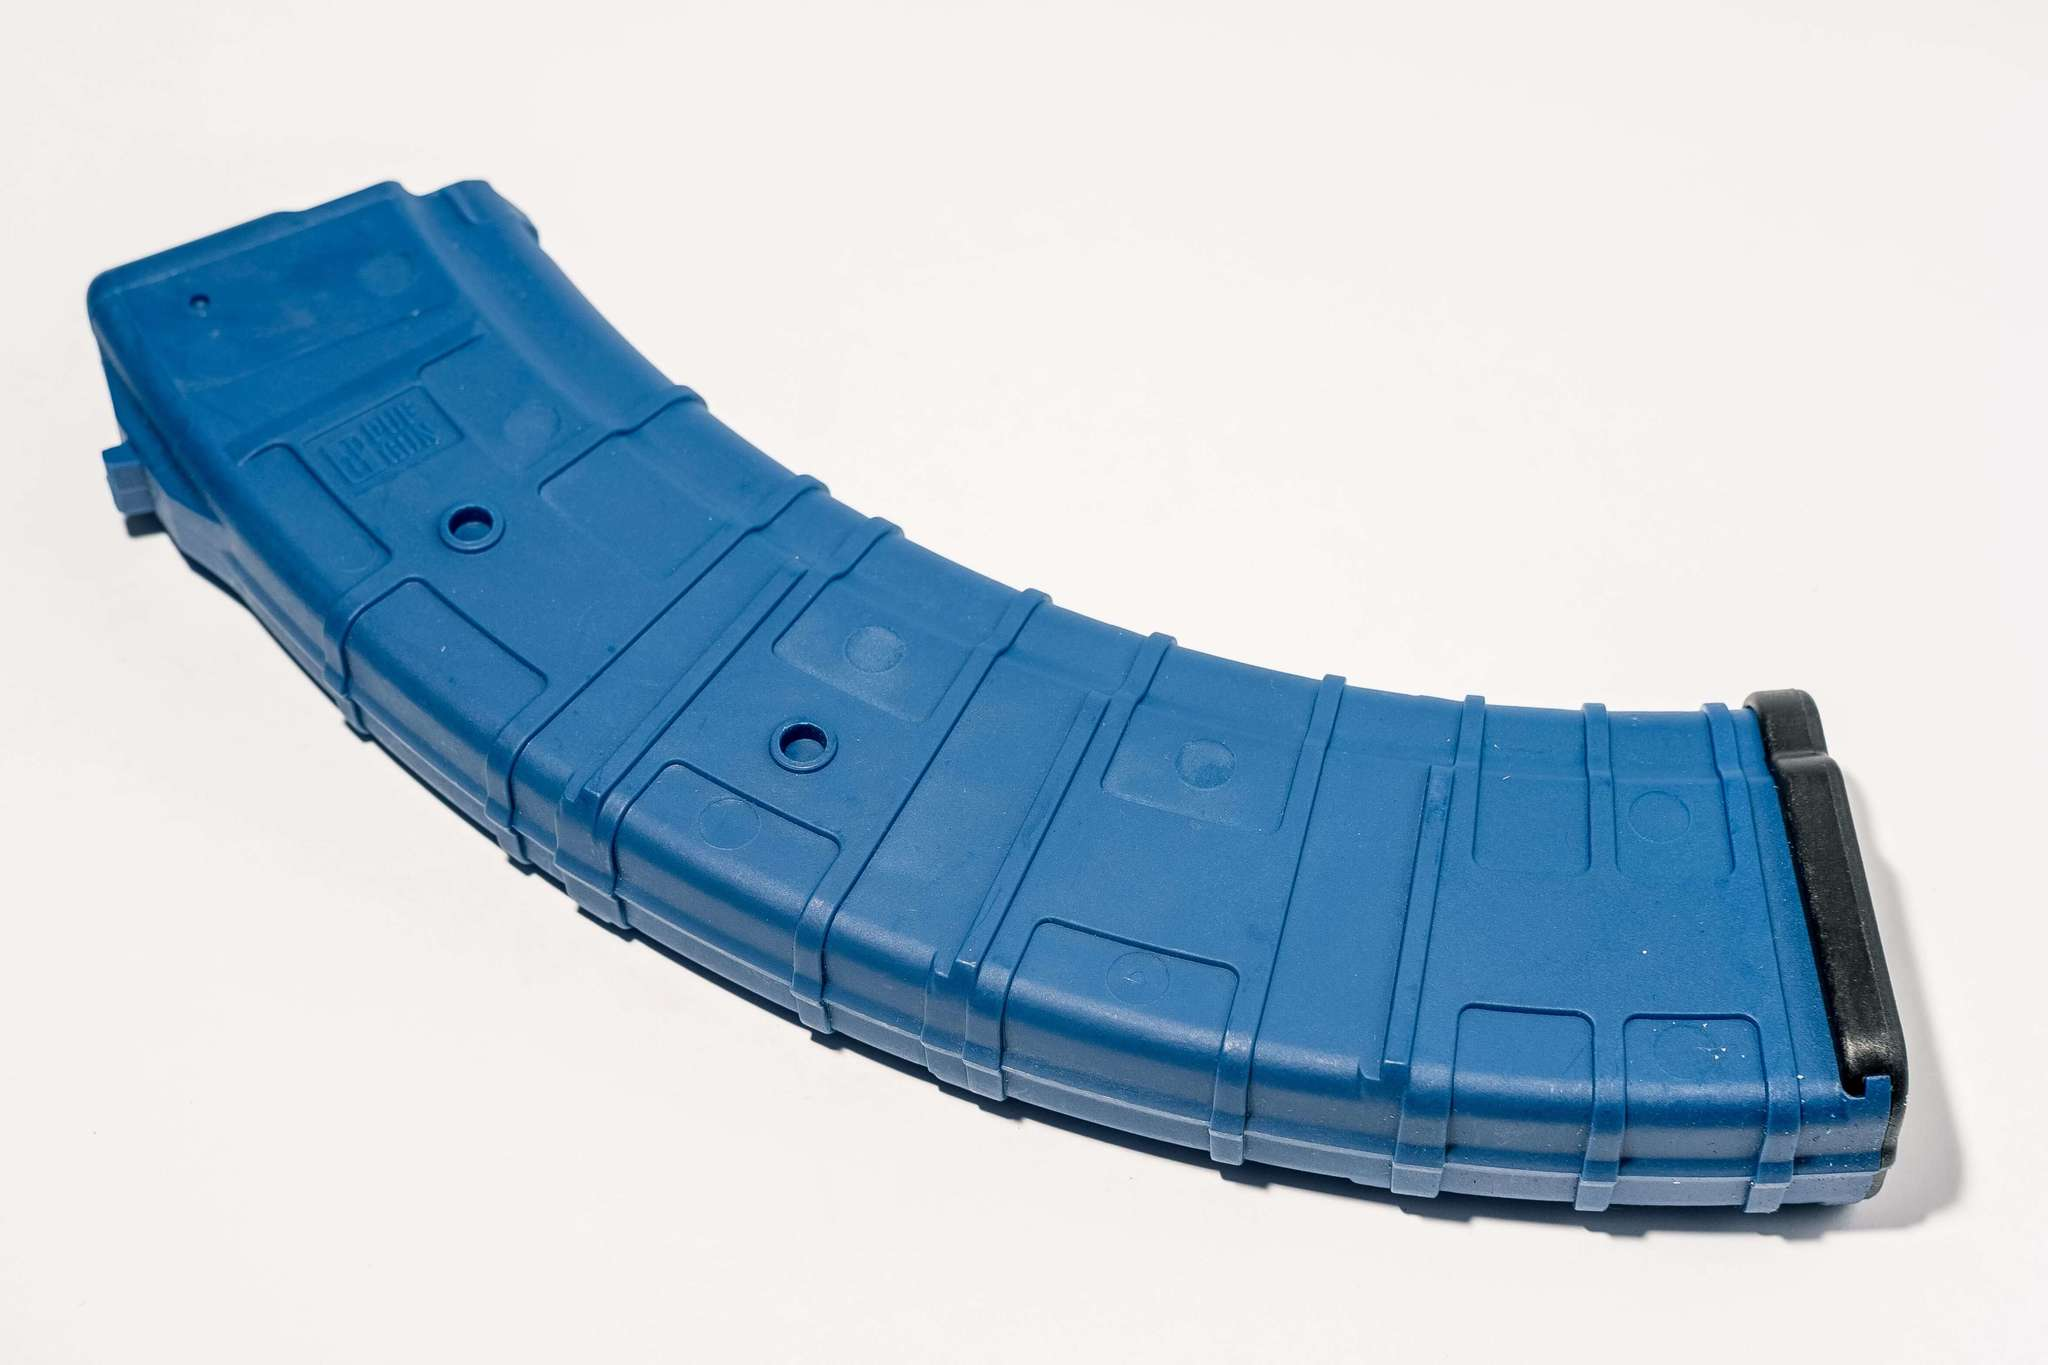 Магазин Pufgun для АКМ (7.62x39) ВПО-136 ВПО-209 на 40 Gen2, Синий